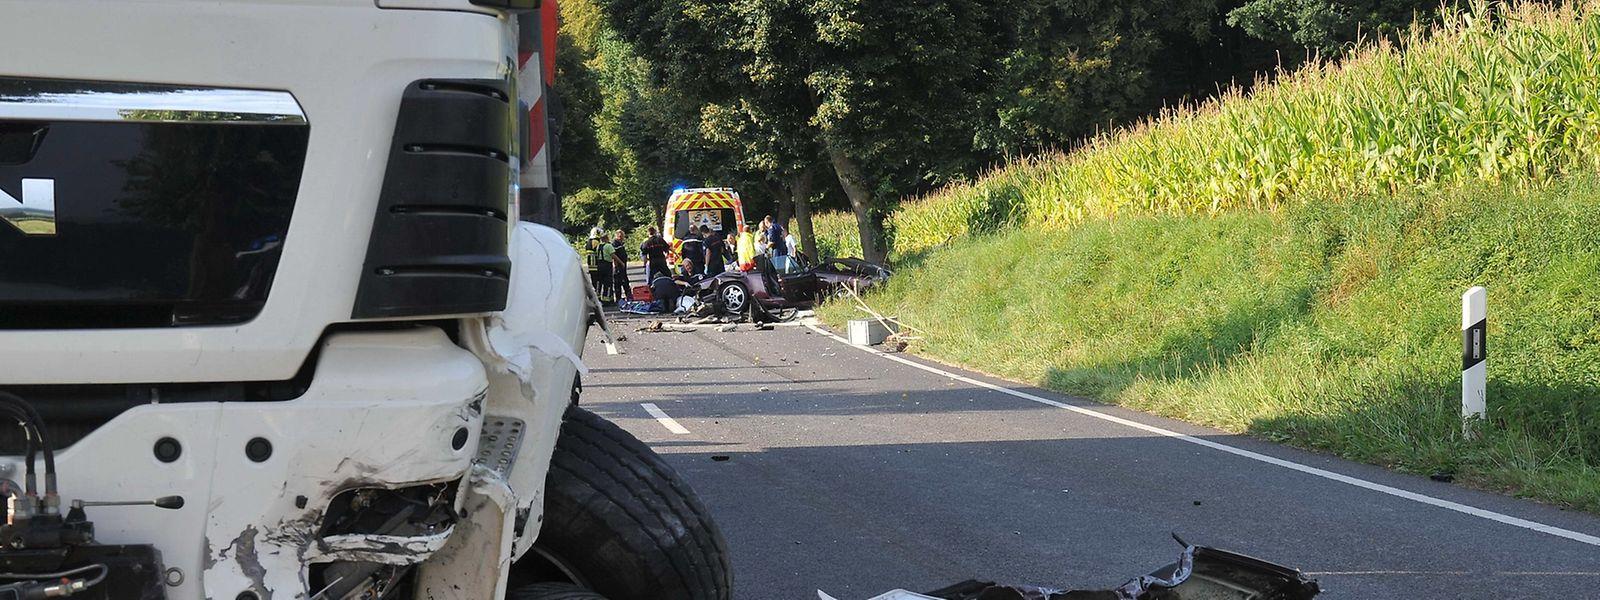 La collision s'est produite vers 16 h30 entre Hostert et Ospern, près de Redange-sur-Attert.